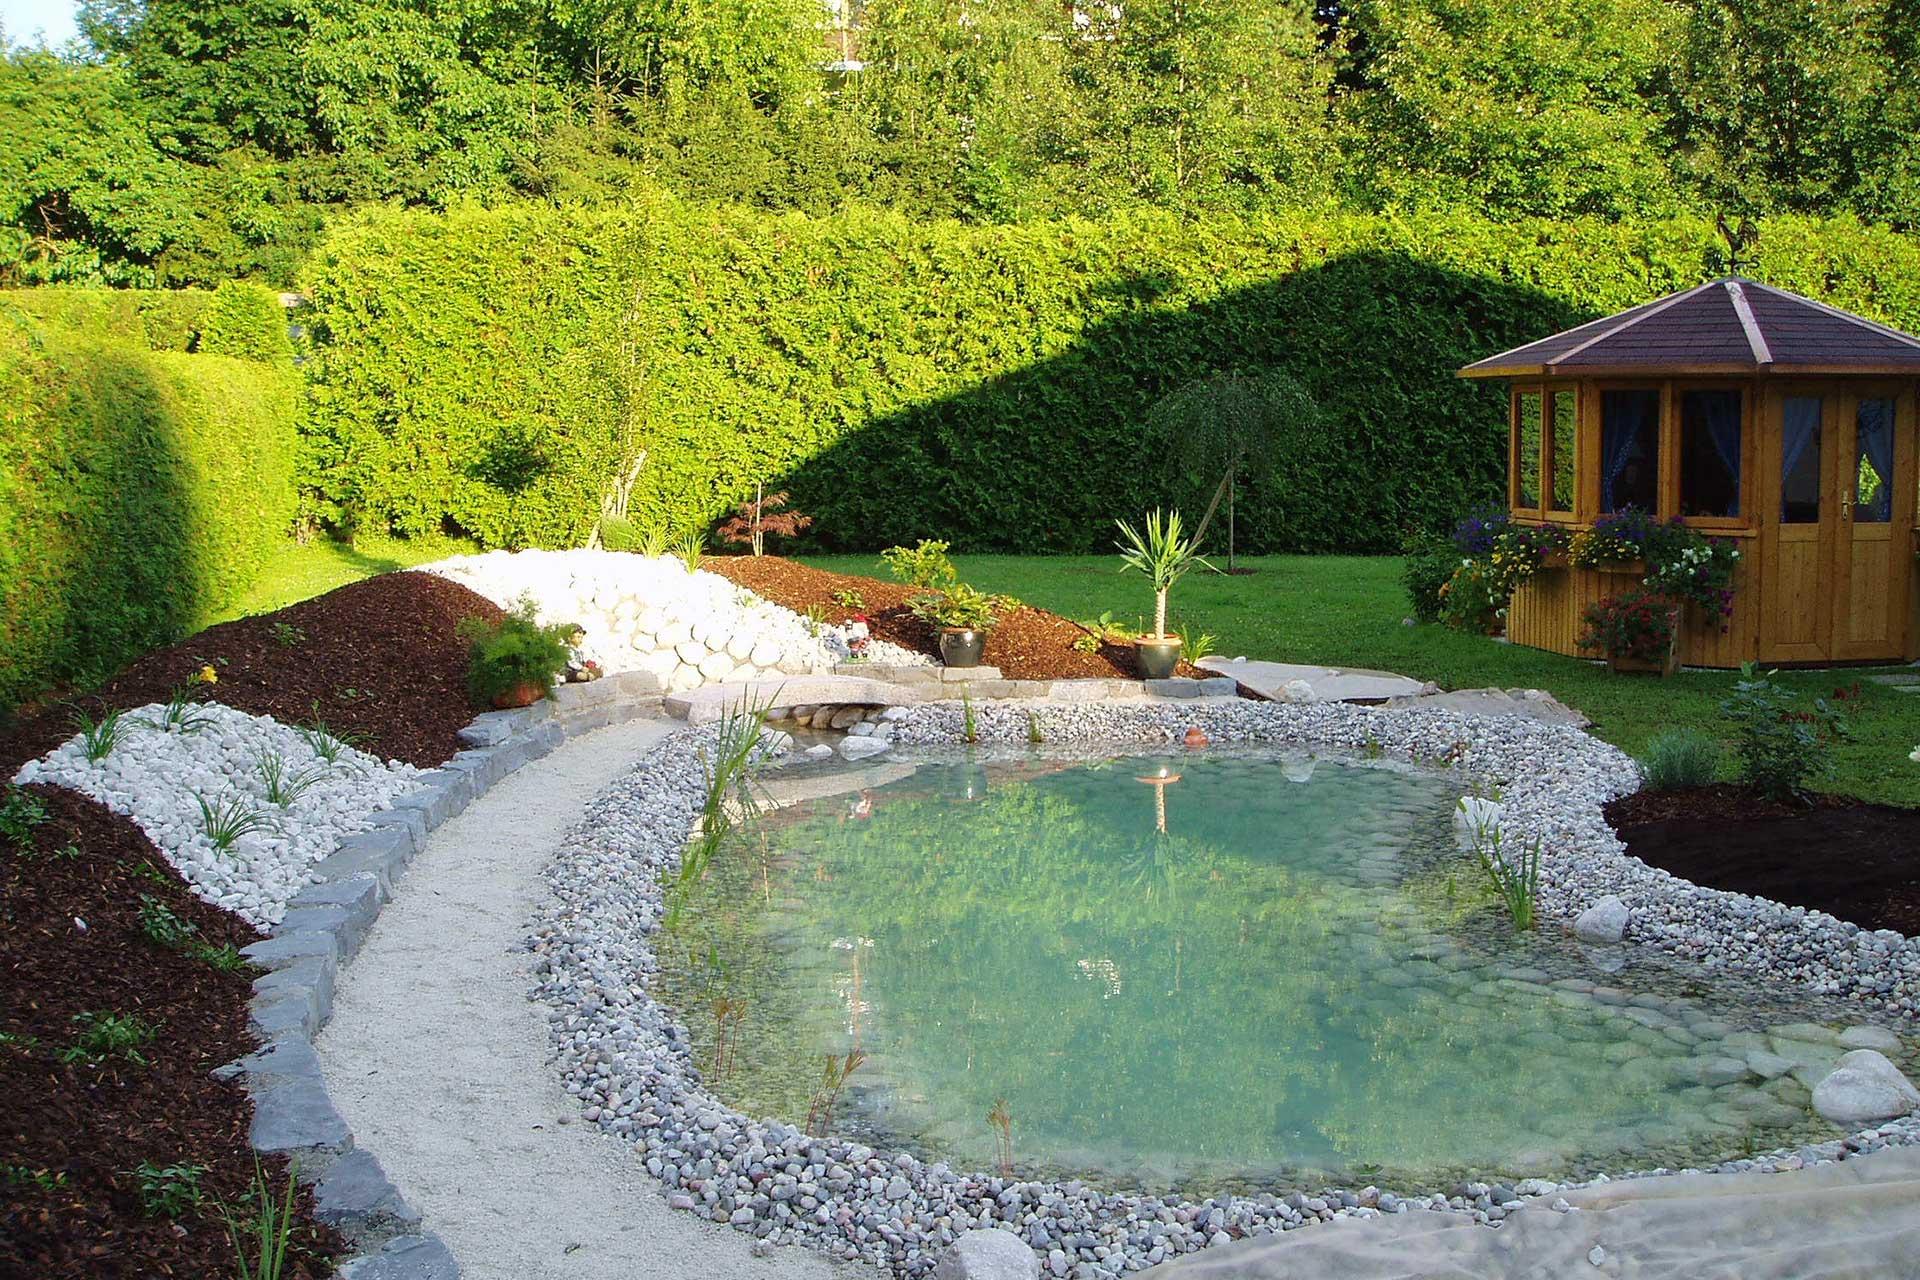 Teich Feuchtbiotop Und Bachlauf Als Gartengestaltung In Oö